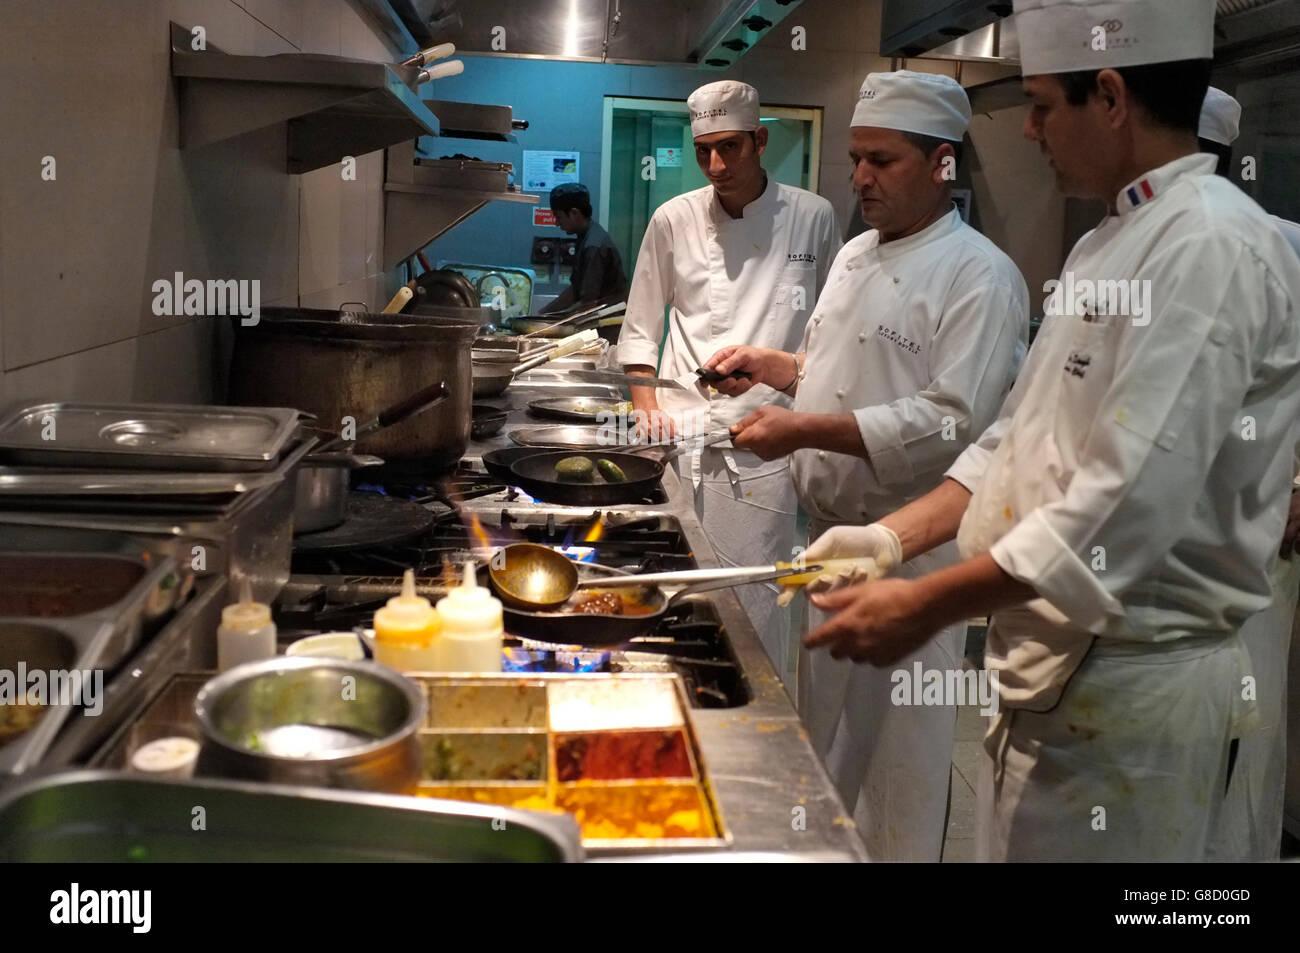 Nordindische Küche   Koche Bereiten Das Essen In Der Kuche Im Restaurant Jyran